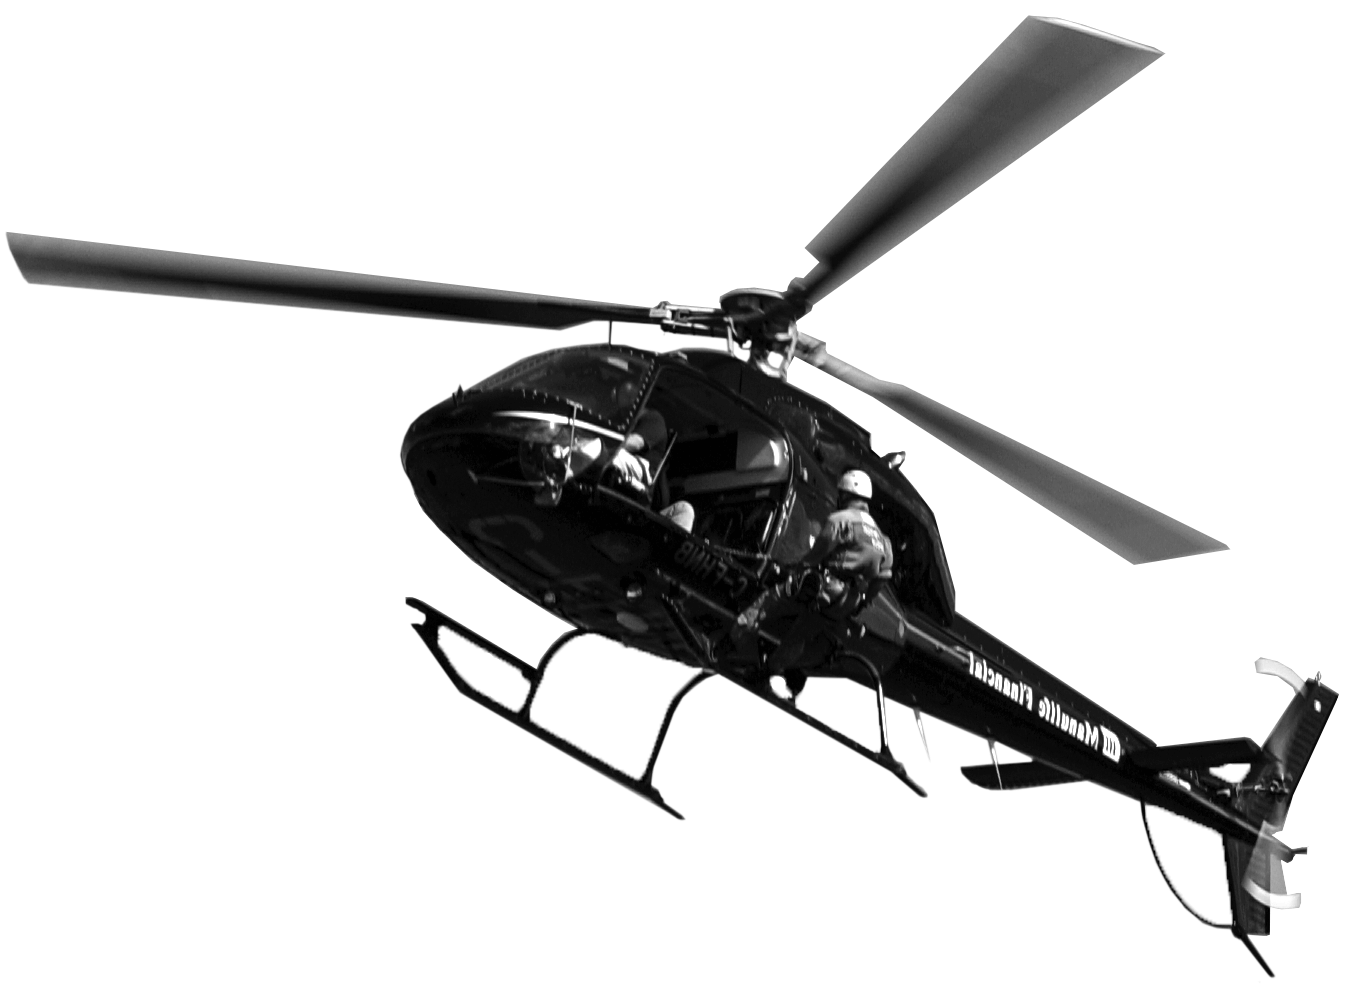 Ivan Kristoff on Helii Twinn Engine Eurocpter